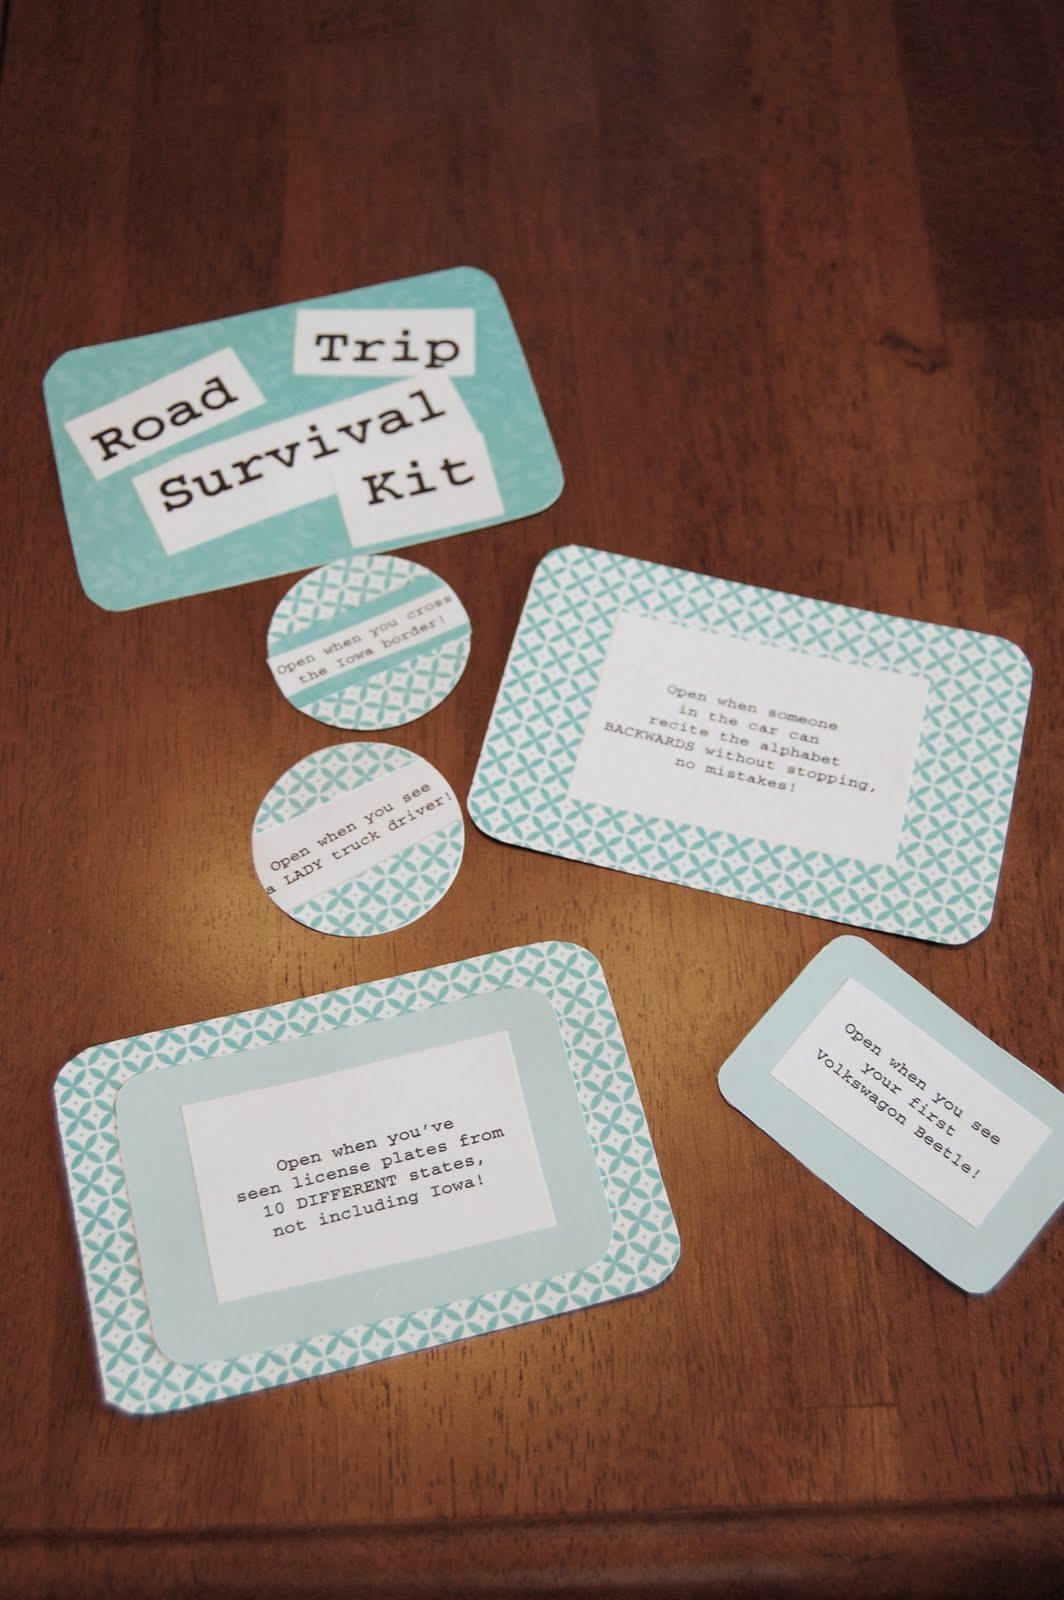 On The V Side Road Trip Survival Kit